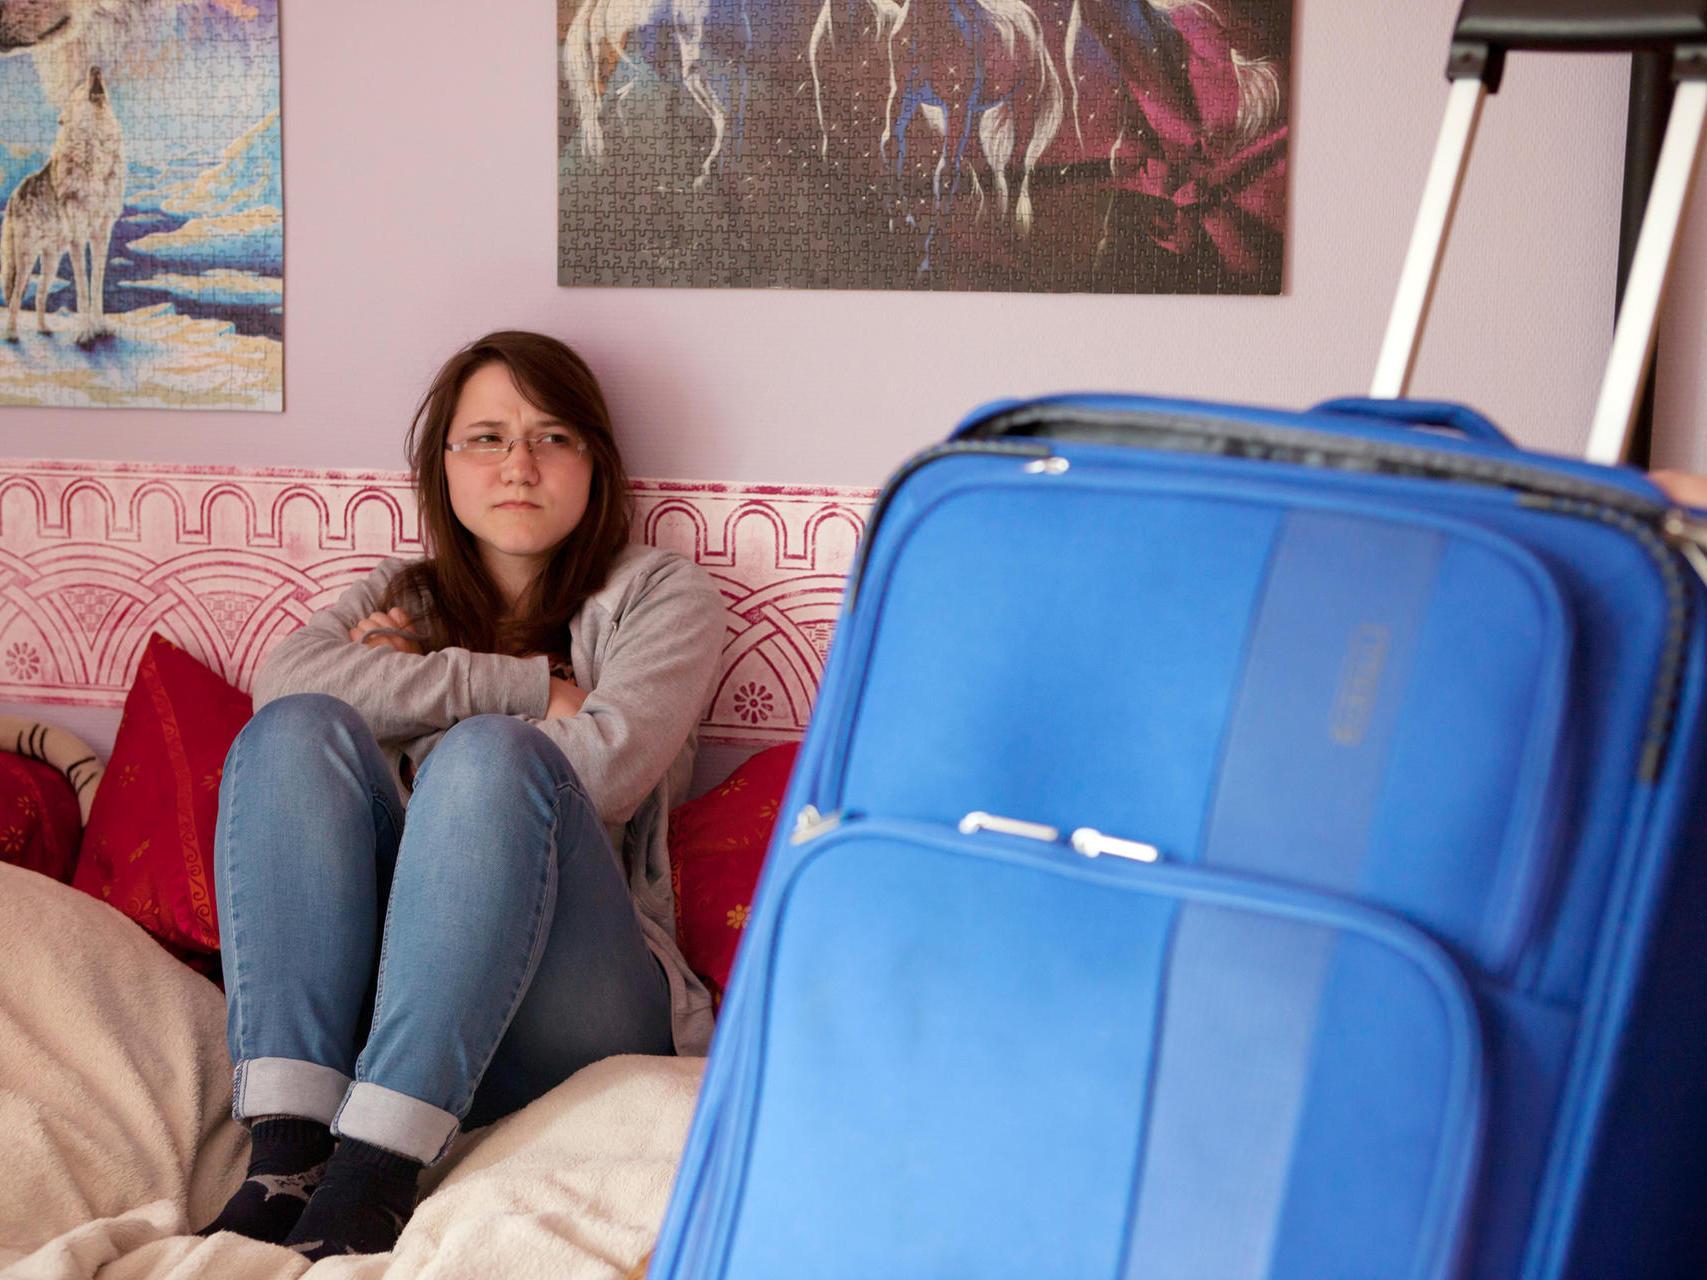 Ab Wann Jugendliche Länger Allein Zu Hause Bleiben Dürfen ganzes Ab Welchem Alter Dürfen Kinder Alleine Zu Hause Bleiben